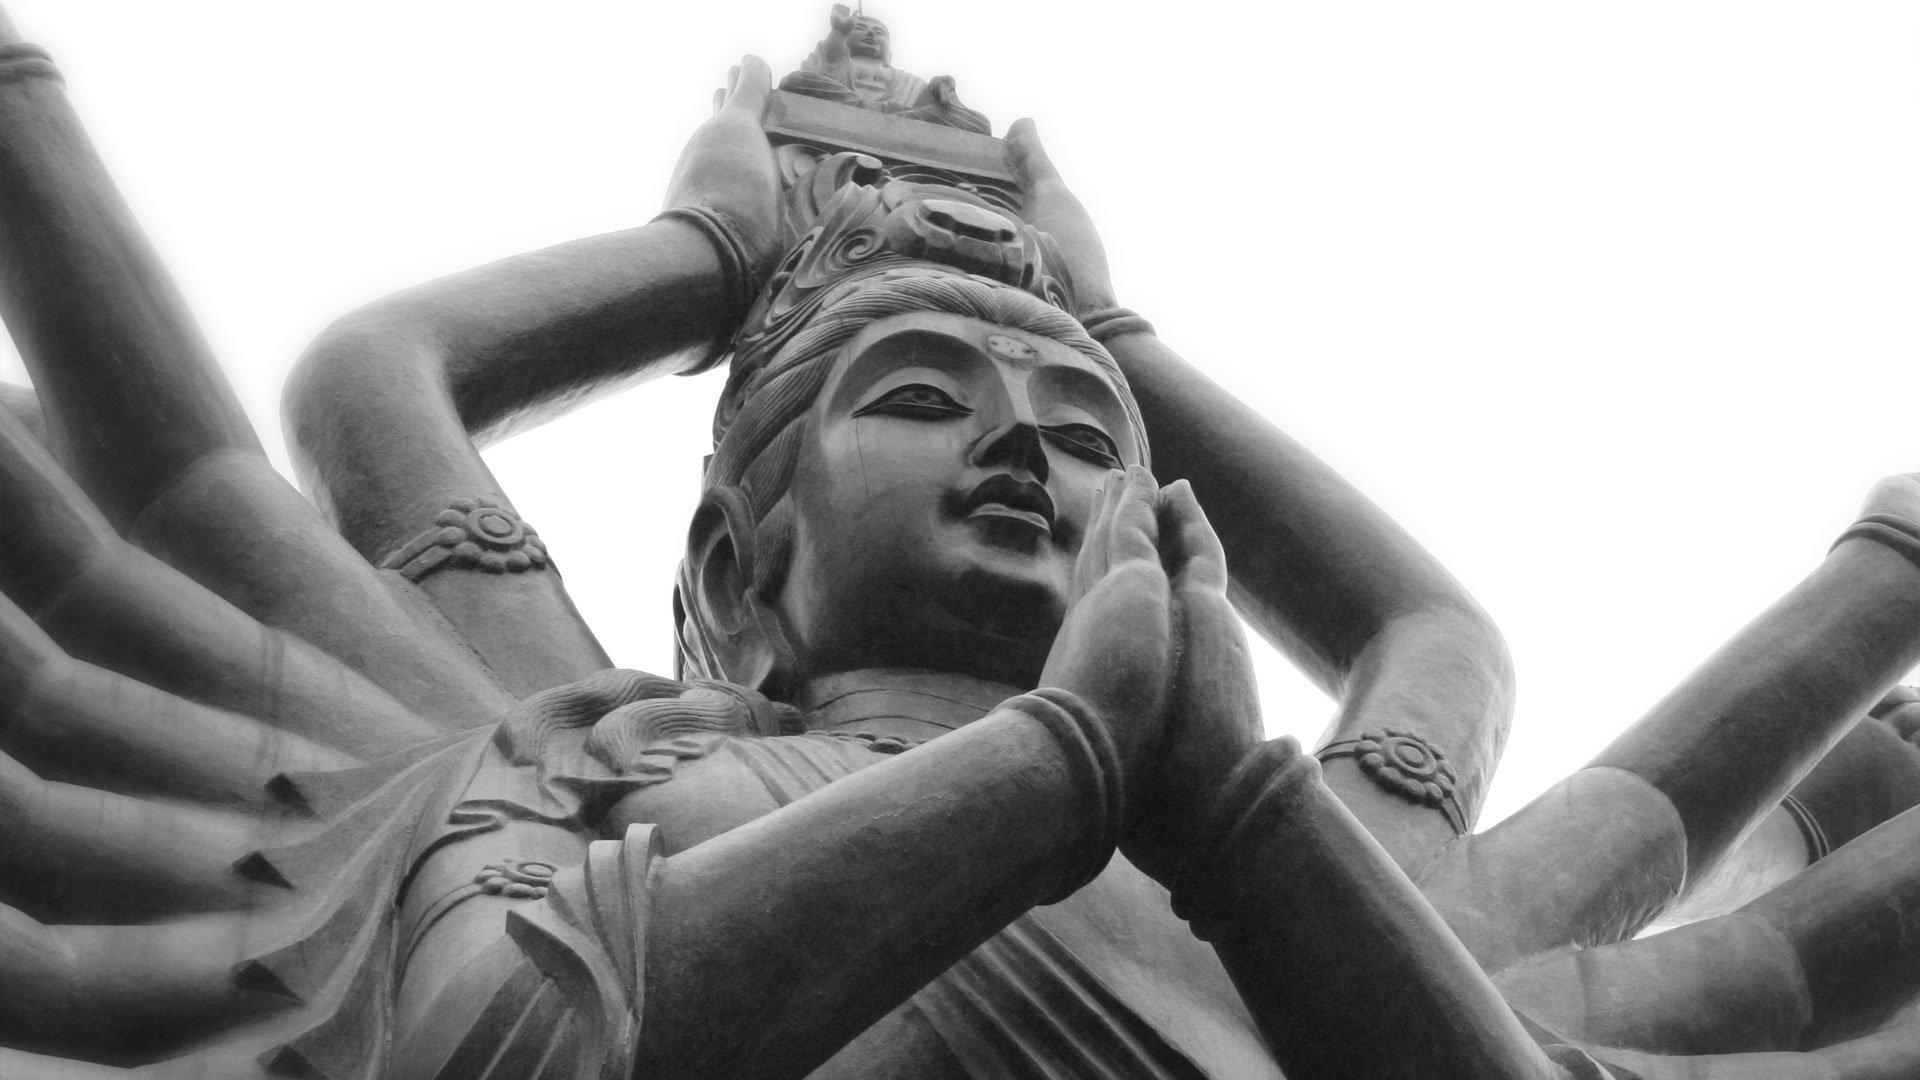 壁纸1920×1080纯粹的光影美学 人文建筑黑白摄影壁纸 Buddhist Prayer China 中国千手观音桌面壁纸壁纸 纯粹的光影美学人文建筑黑白摄影壁纸壁纸图片人文壁纸人文图片素材桌面壁纸